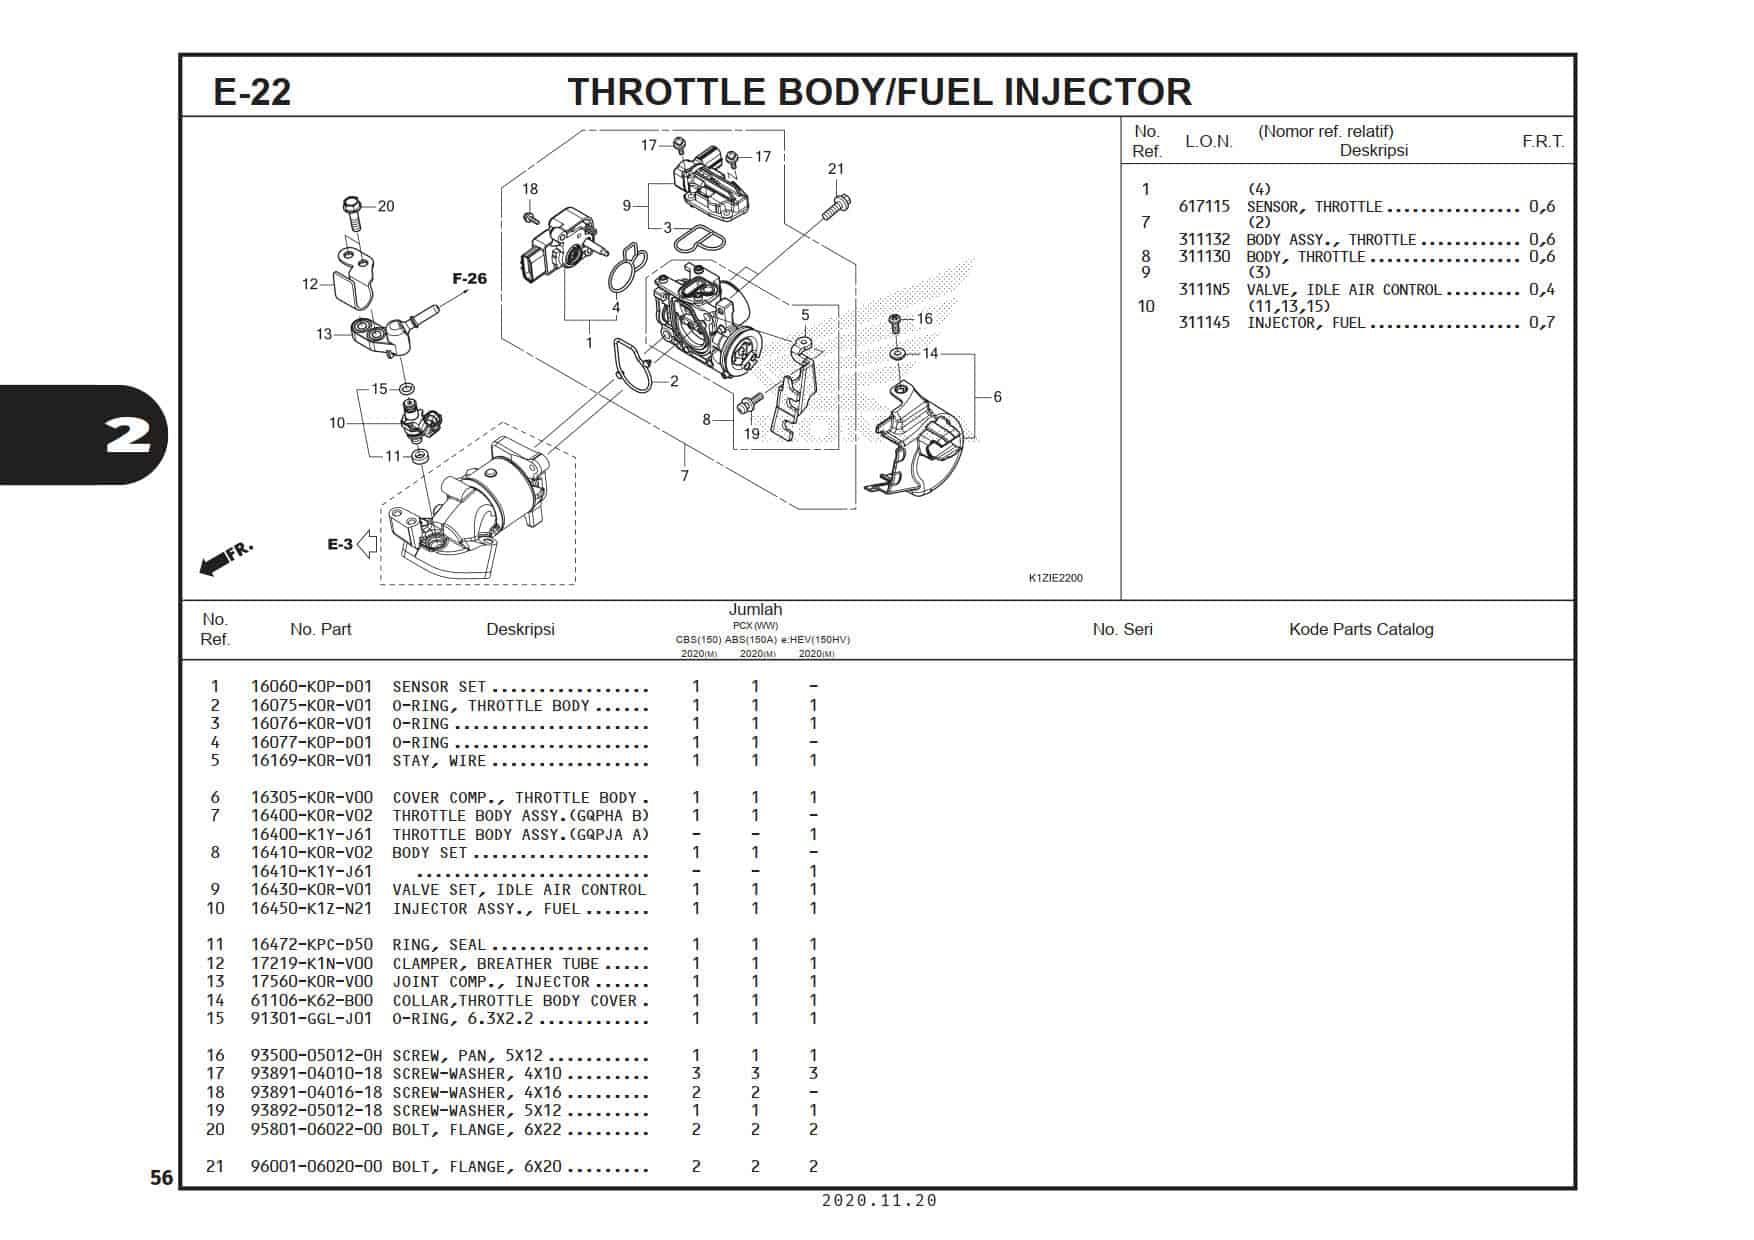 E-22 Throttle Body/ Fuel Injector